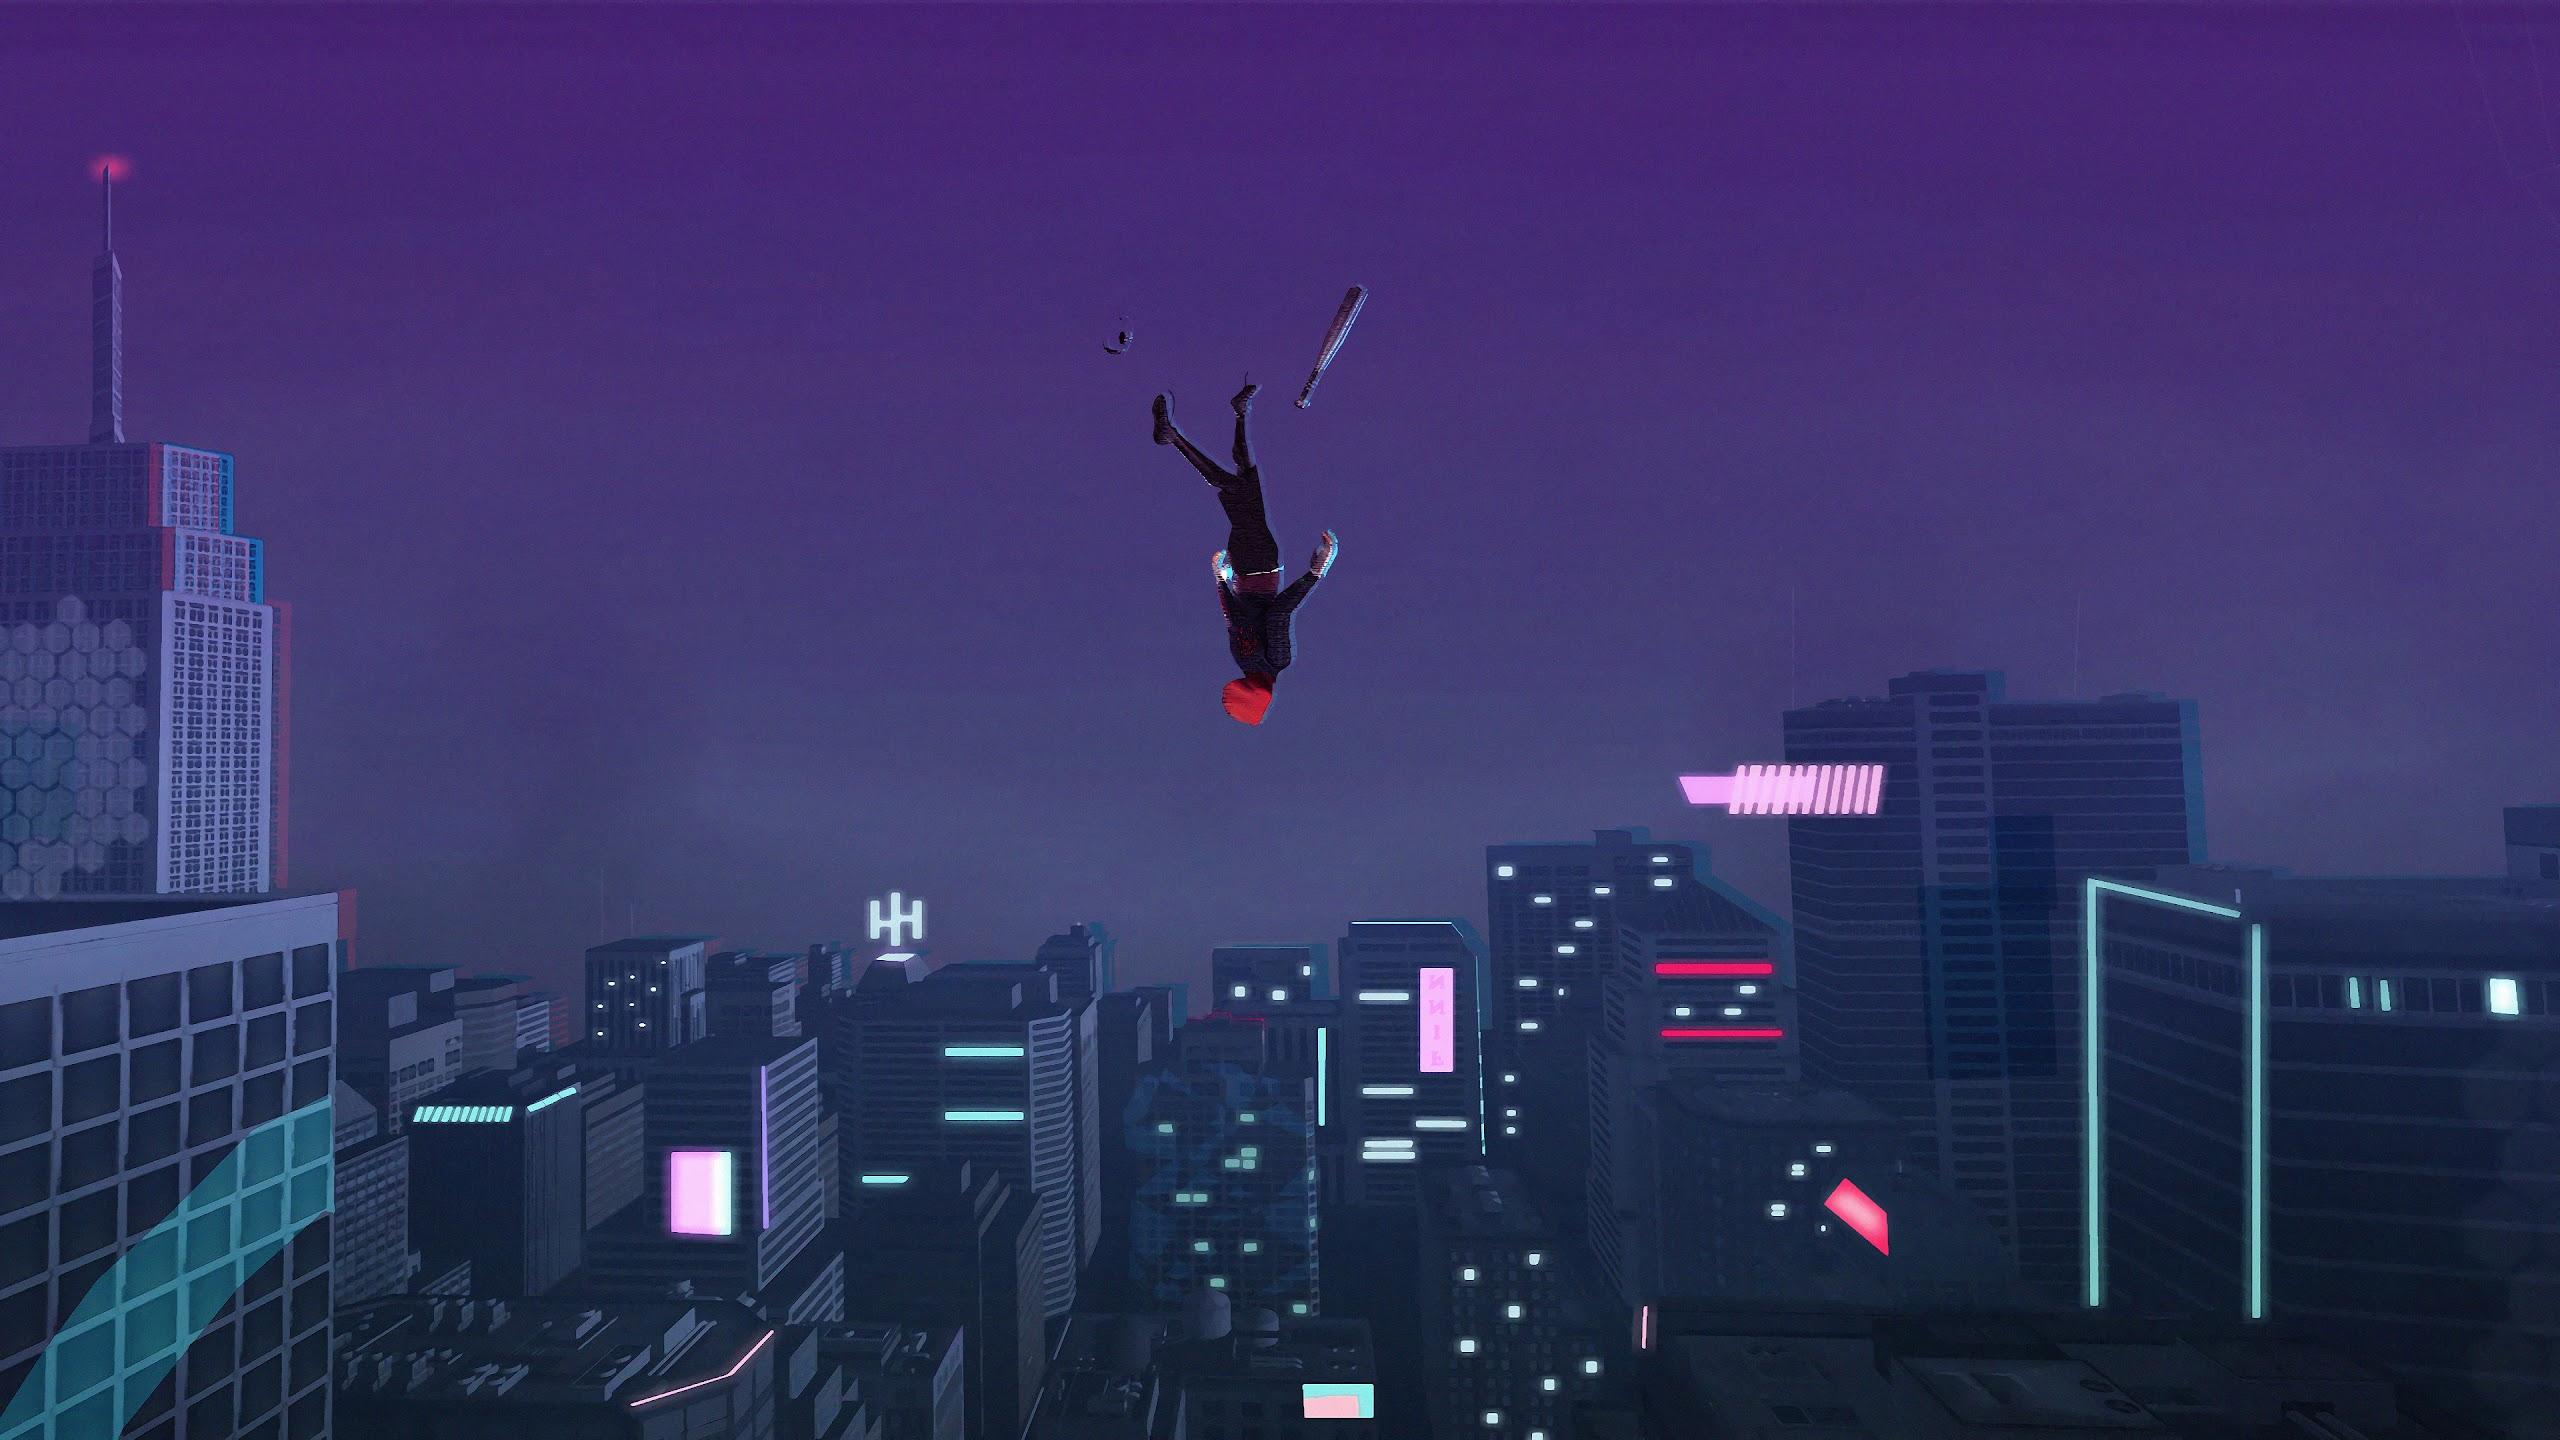 Spider Man Into The Spider Verse 4k 3840x2160 Wallpaper 16